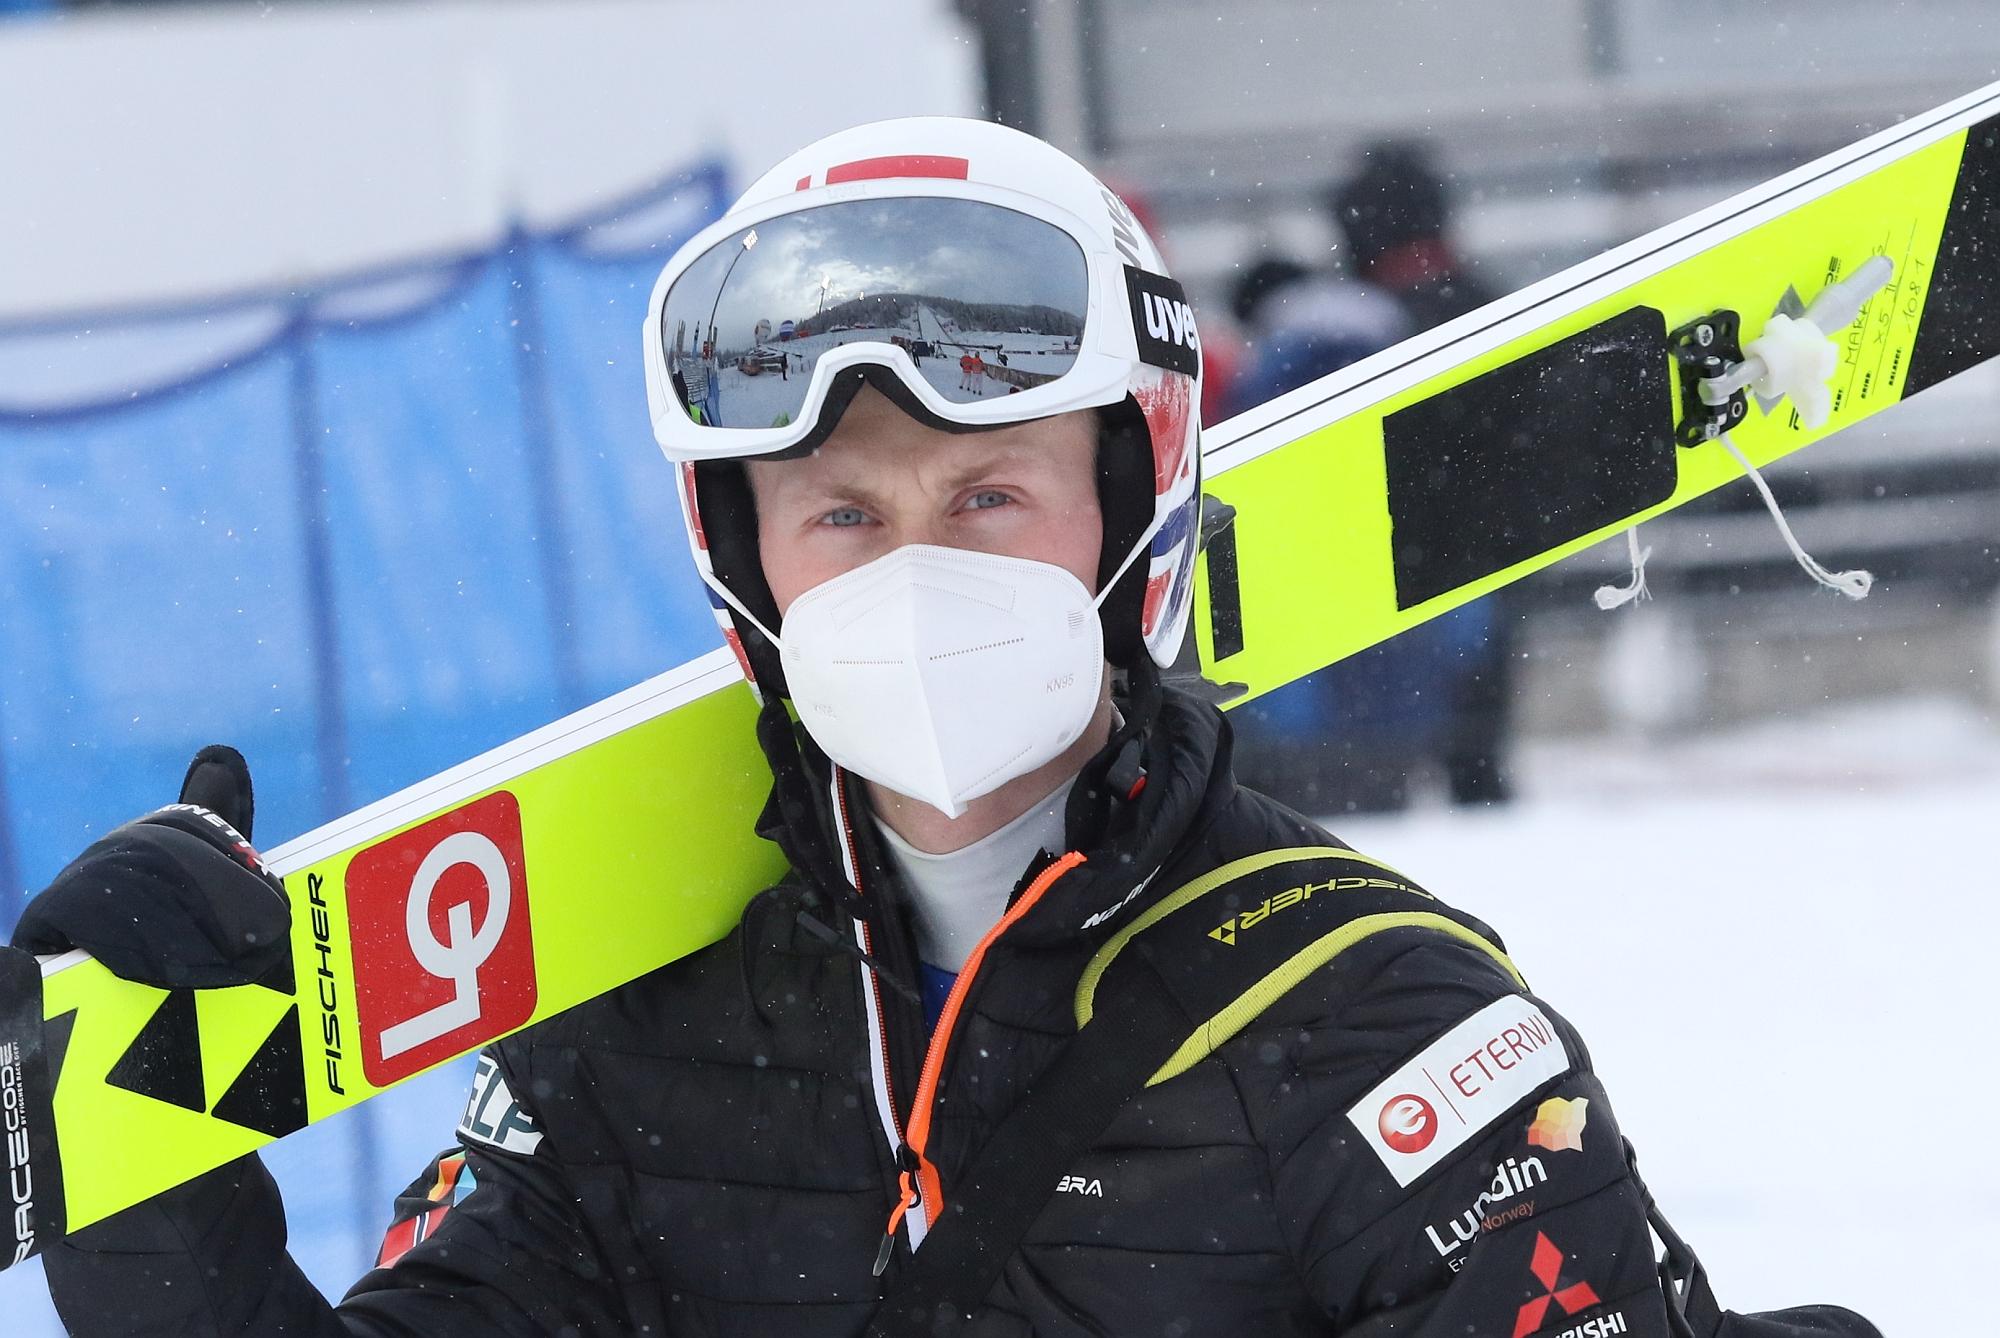 Hoerl i Markeng nie wystartują w niedzielnym konkursie w Zakopanem